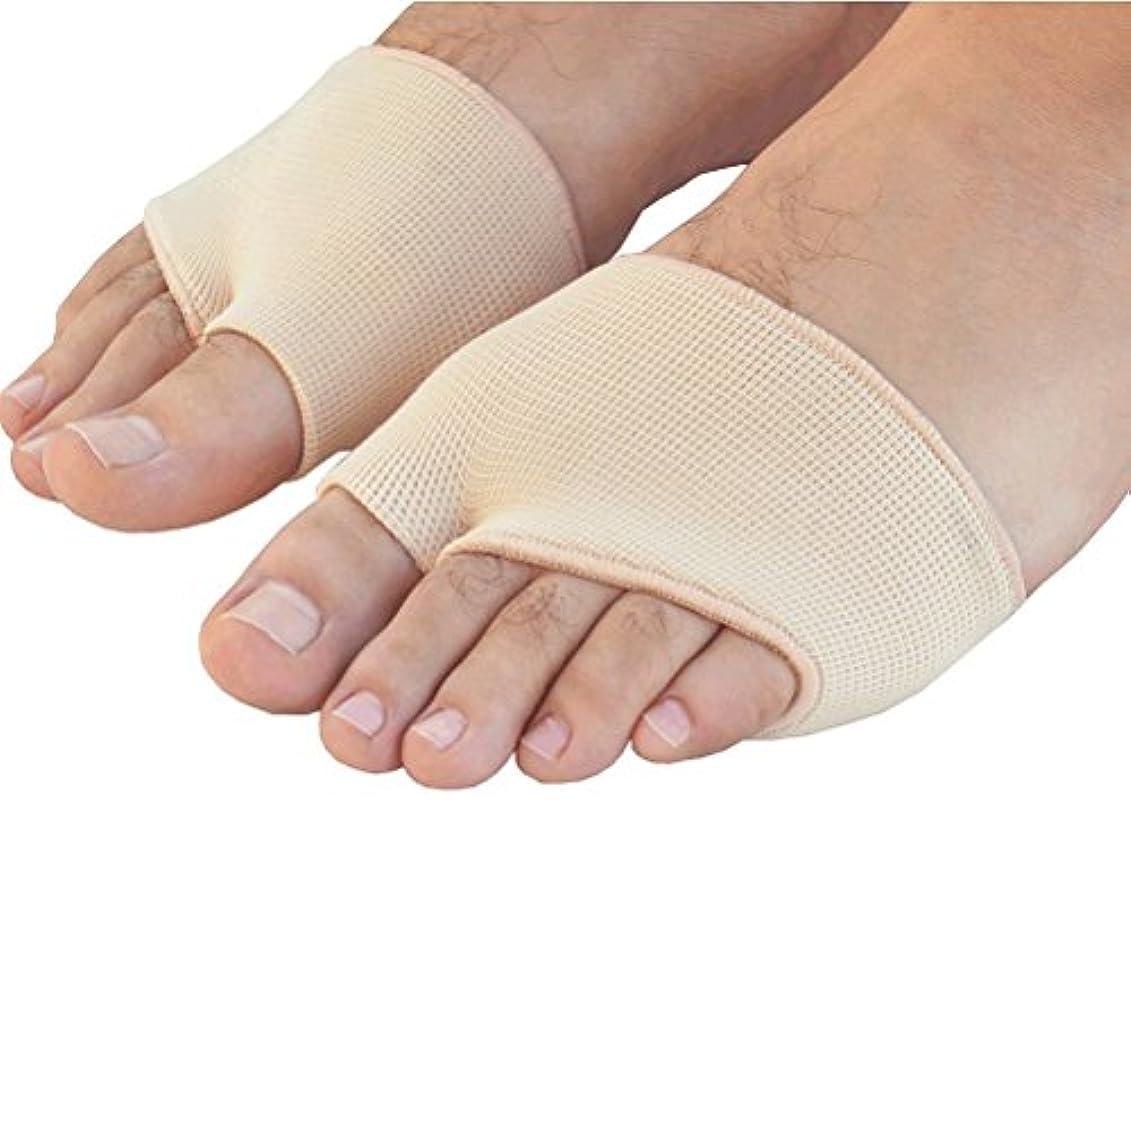 証言体系的にエコーROSENICE ゲル前足中足骨の痛み救済吸収クッション パッド 足底筋膜炎インソール 衝撃吸収 サイズS(肌の色)